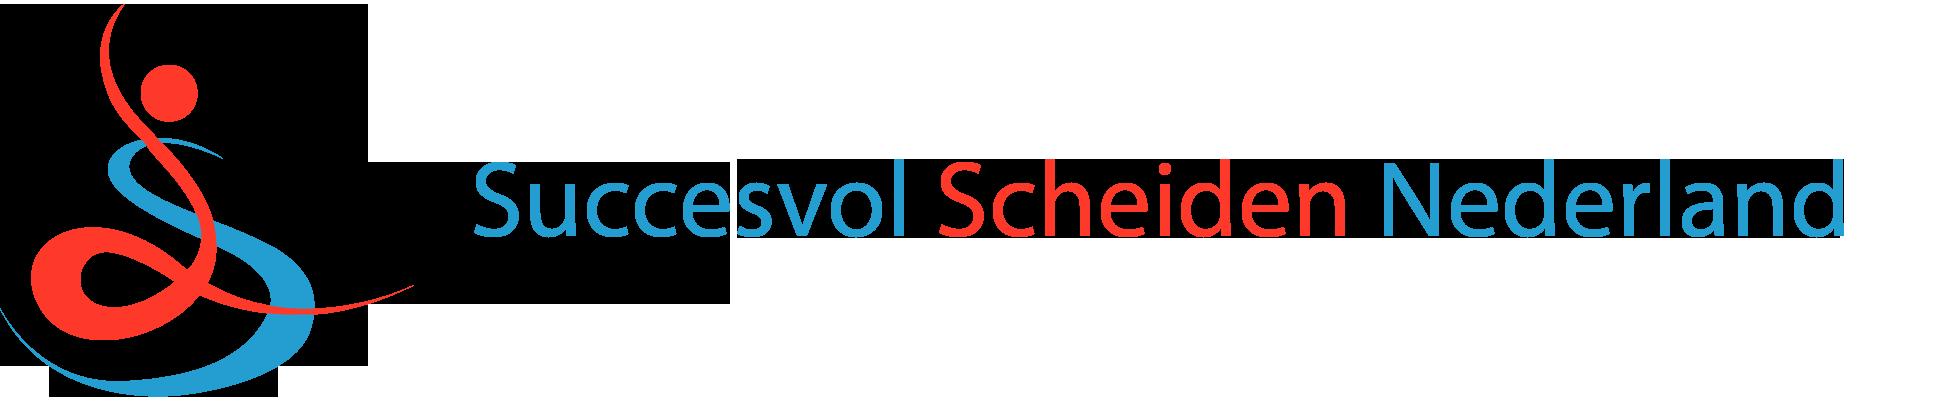 Succesvol Scheiden Brabant Nederland scheidingscoach